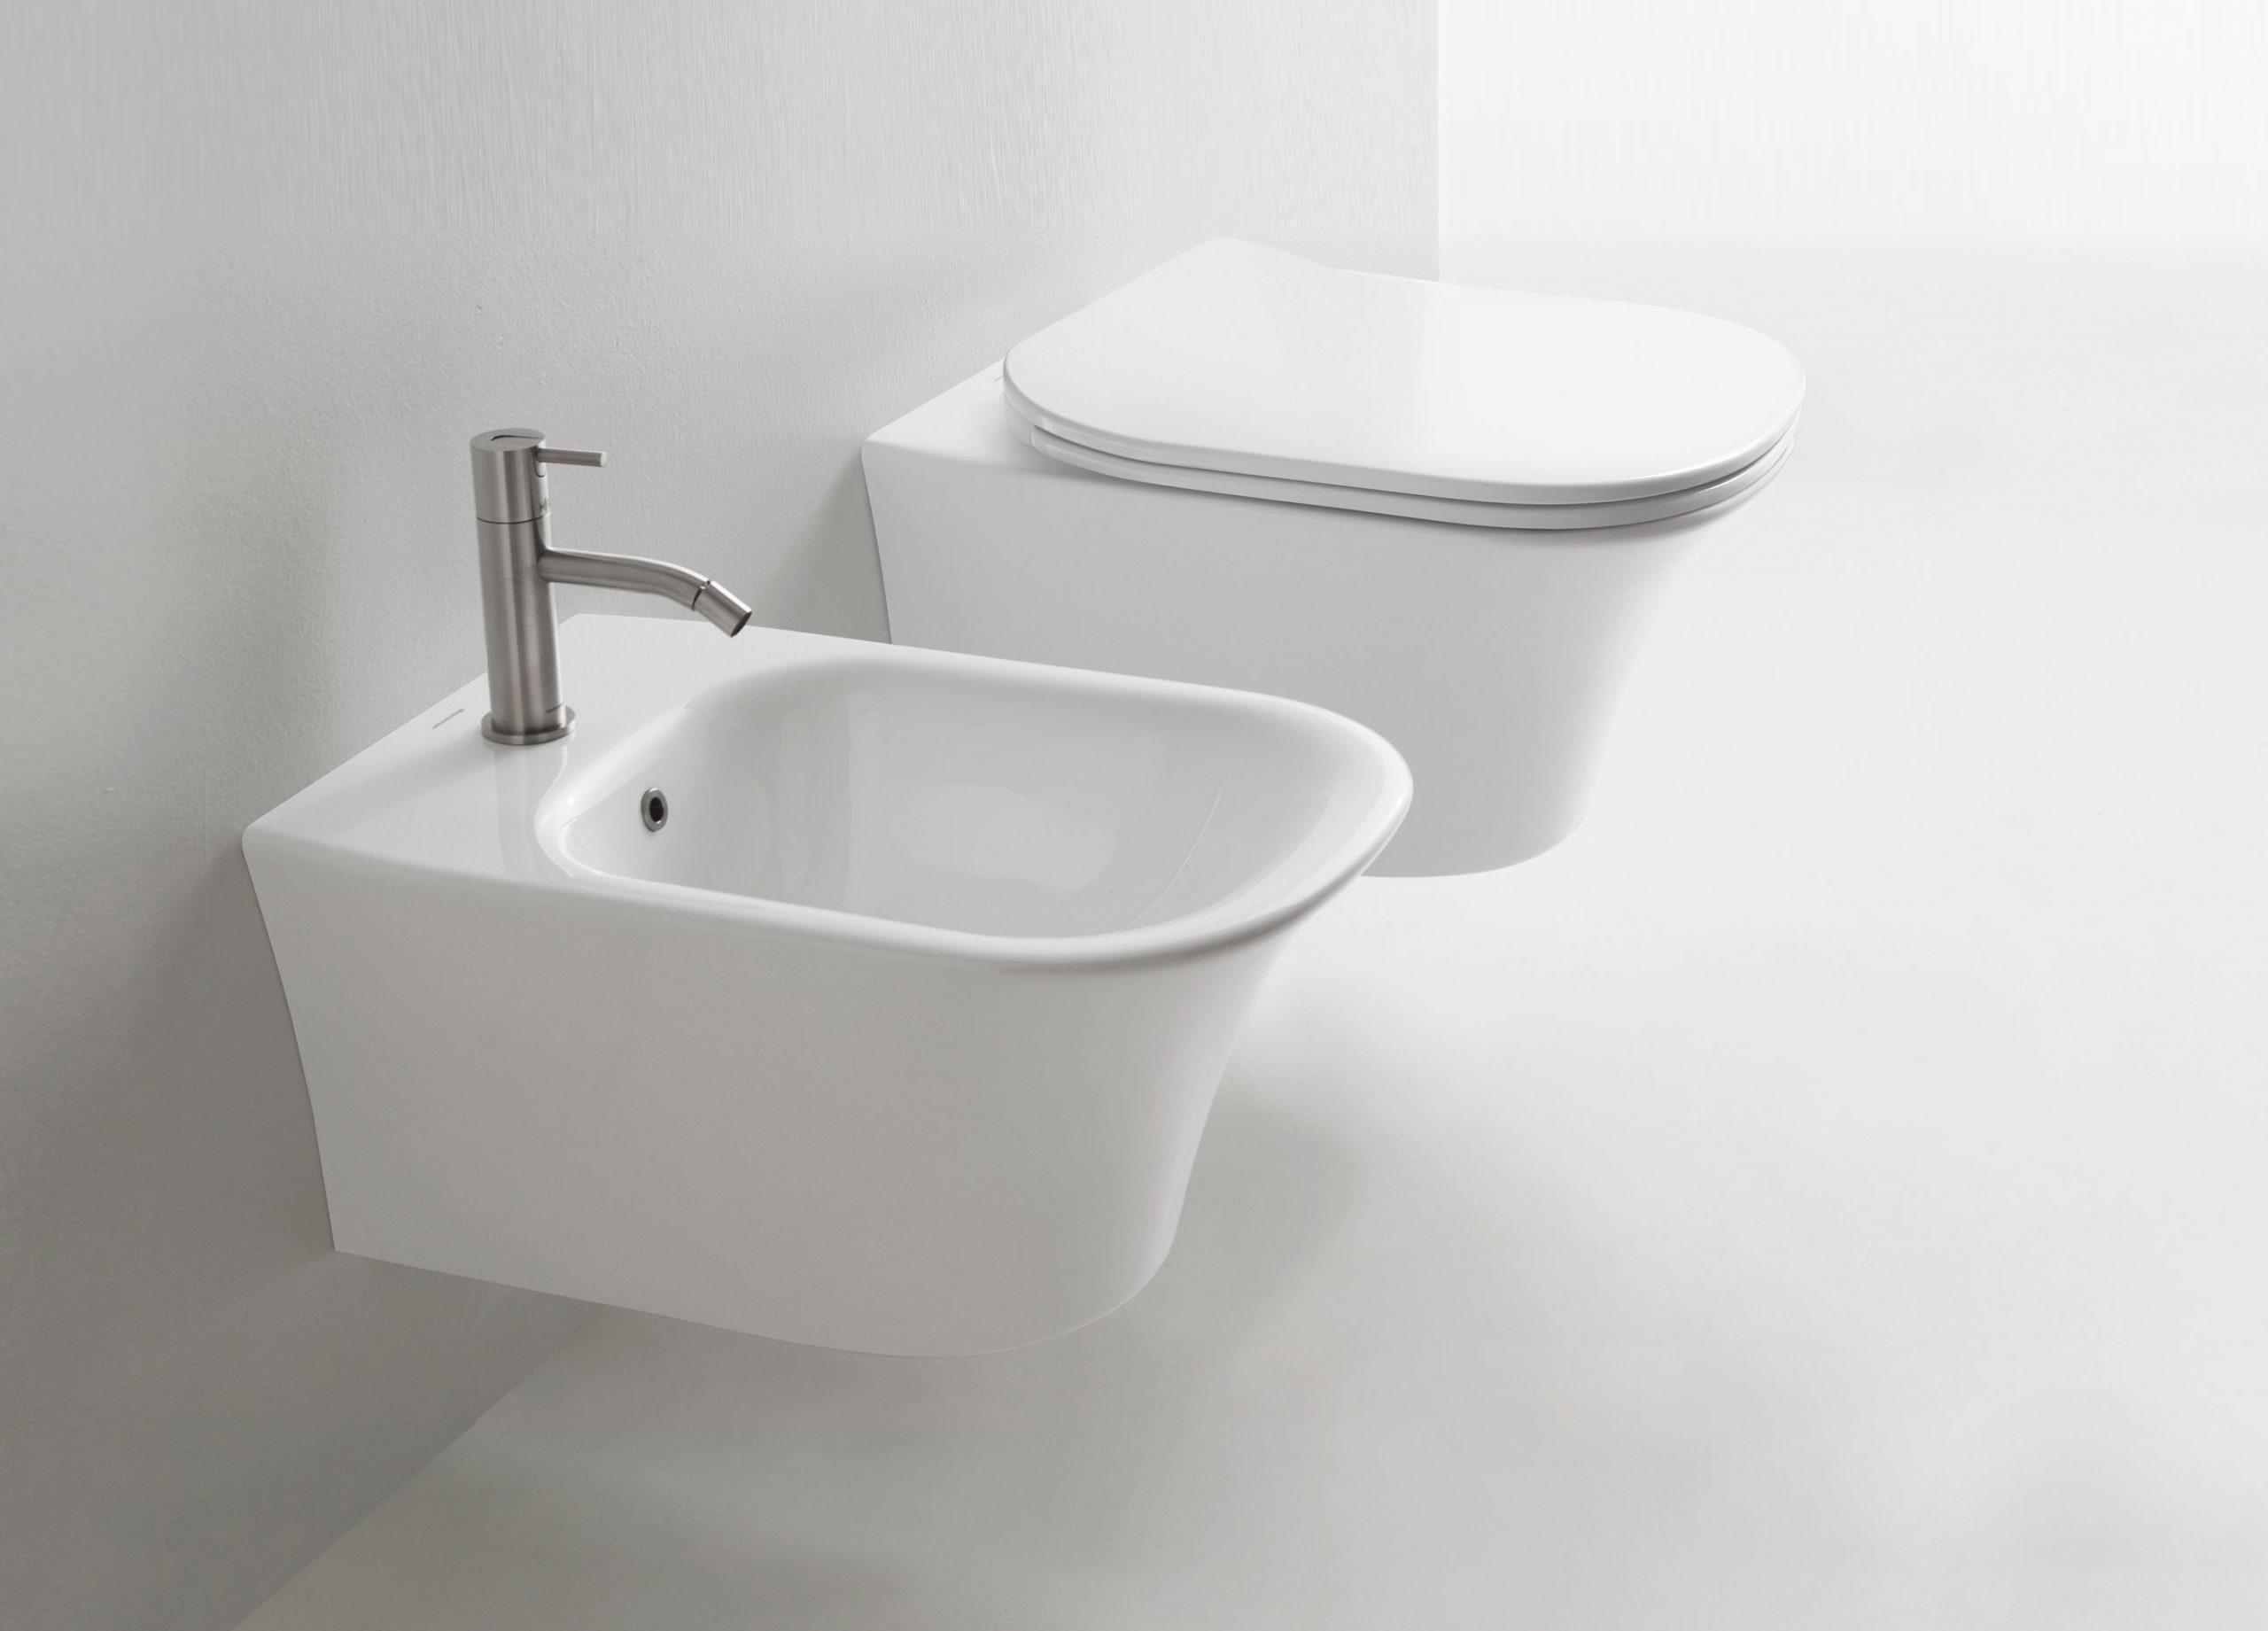 Cabo sanitaryware by Debiasi Sandri for Antoniolupi, toilet and bidet